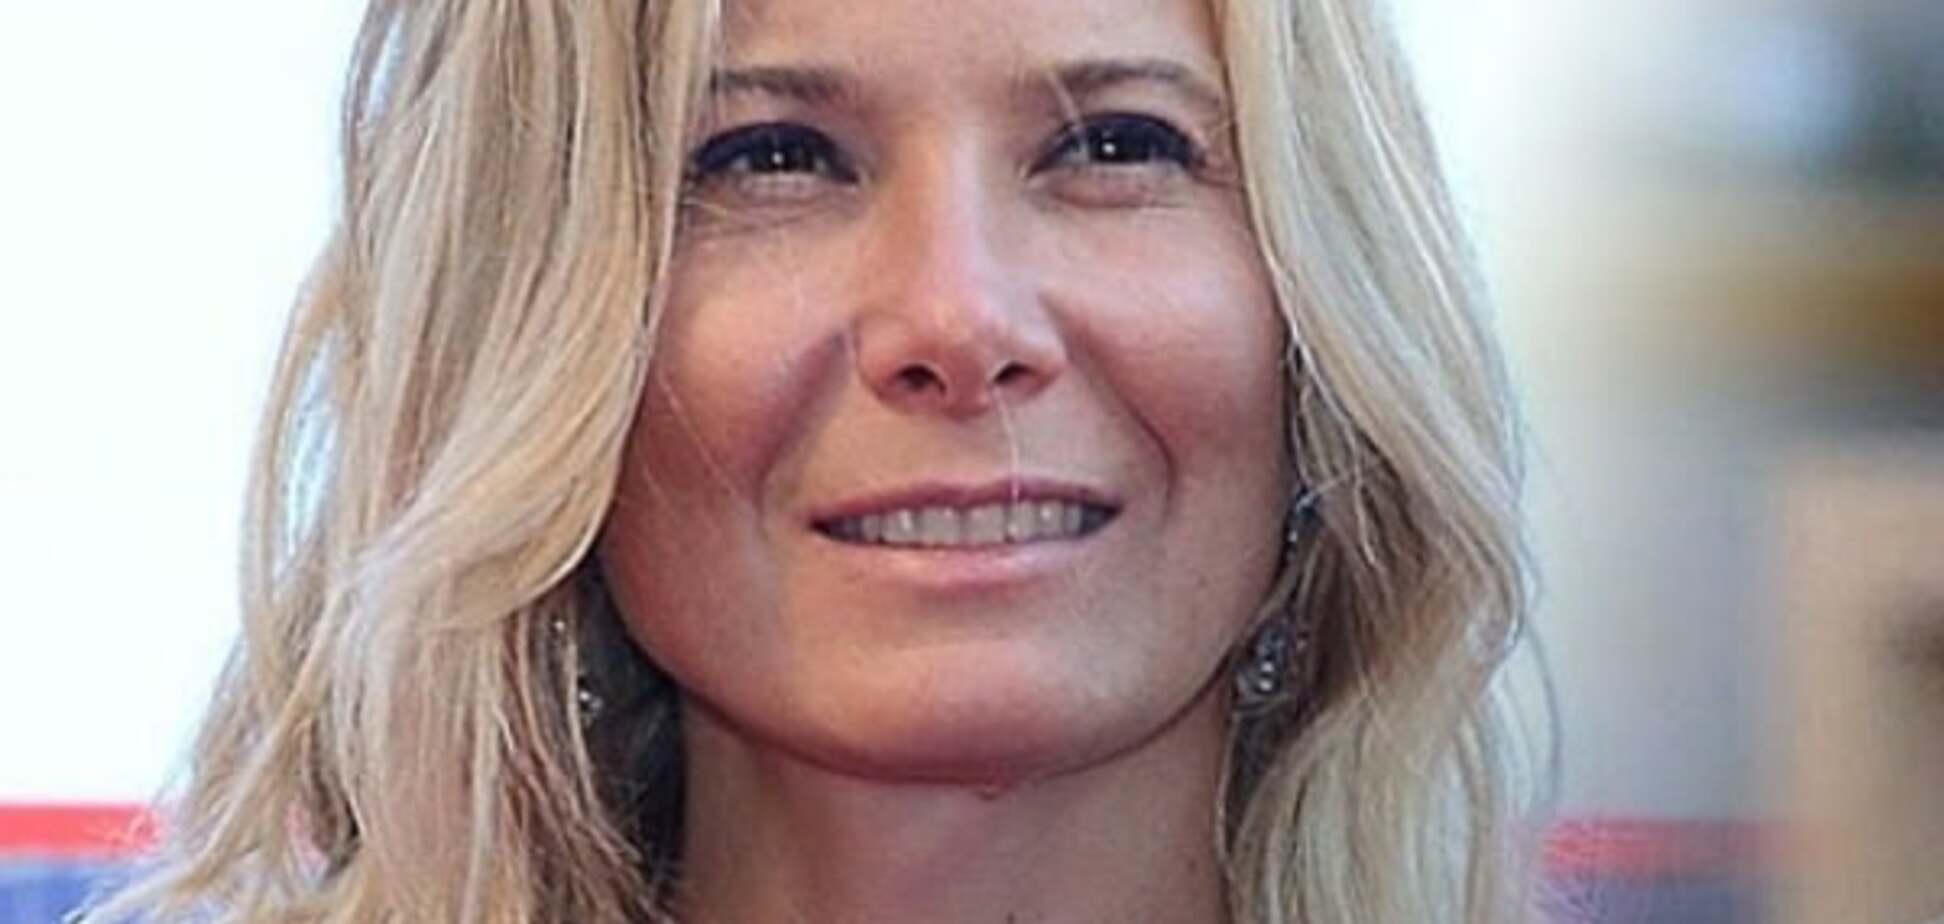 Юлія Висоцька поголила голову: шокуючі фото